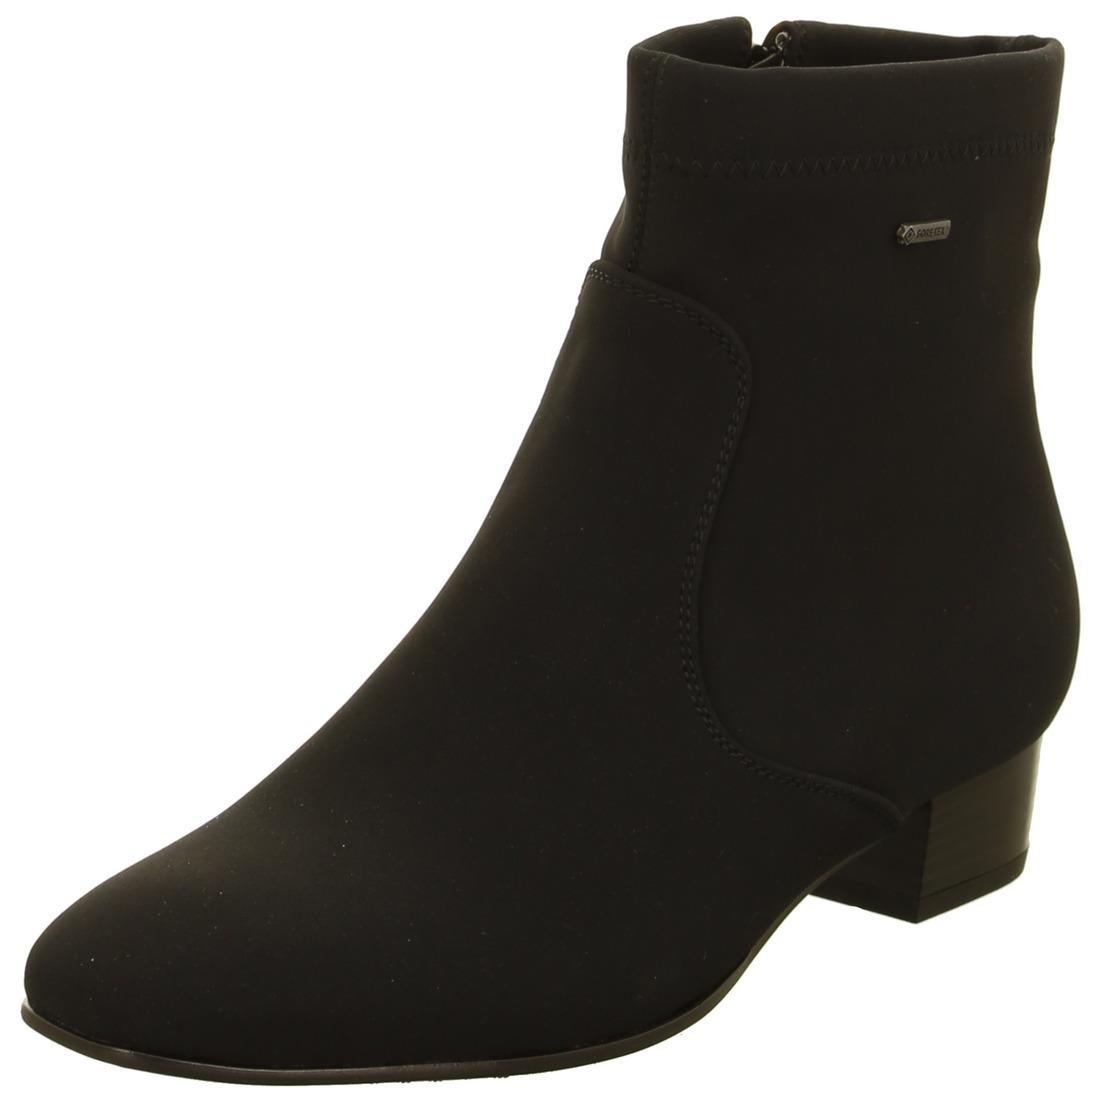 a4df747a18 ARA - Kotníčky - Čierna dámska obuv členková značky Ara